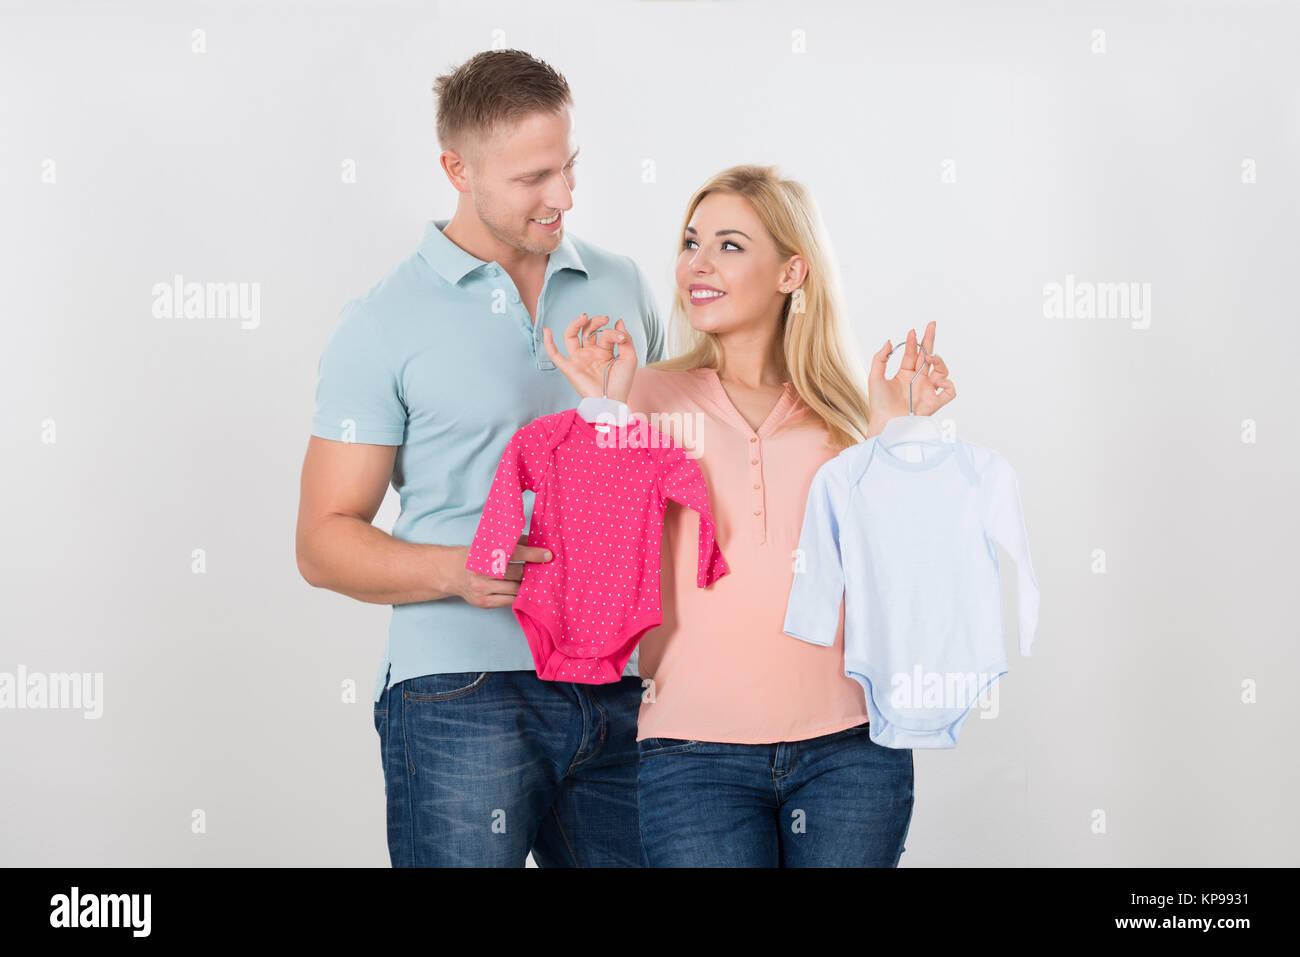 Alleinerziehende schwangere frauen mittleren alters, die einen mann suchen